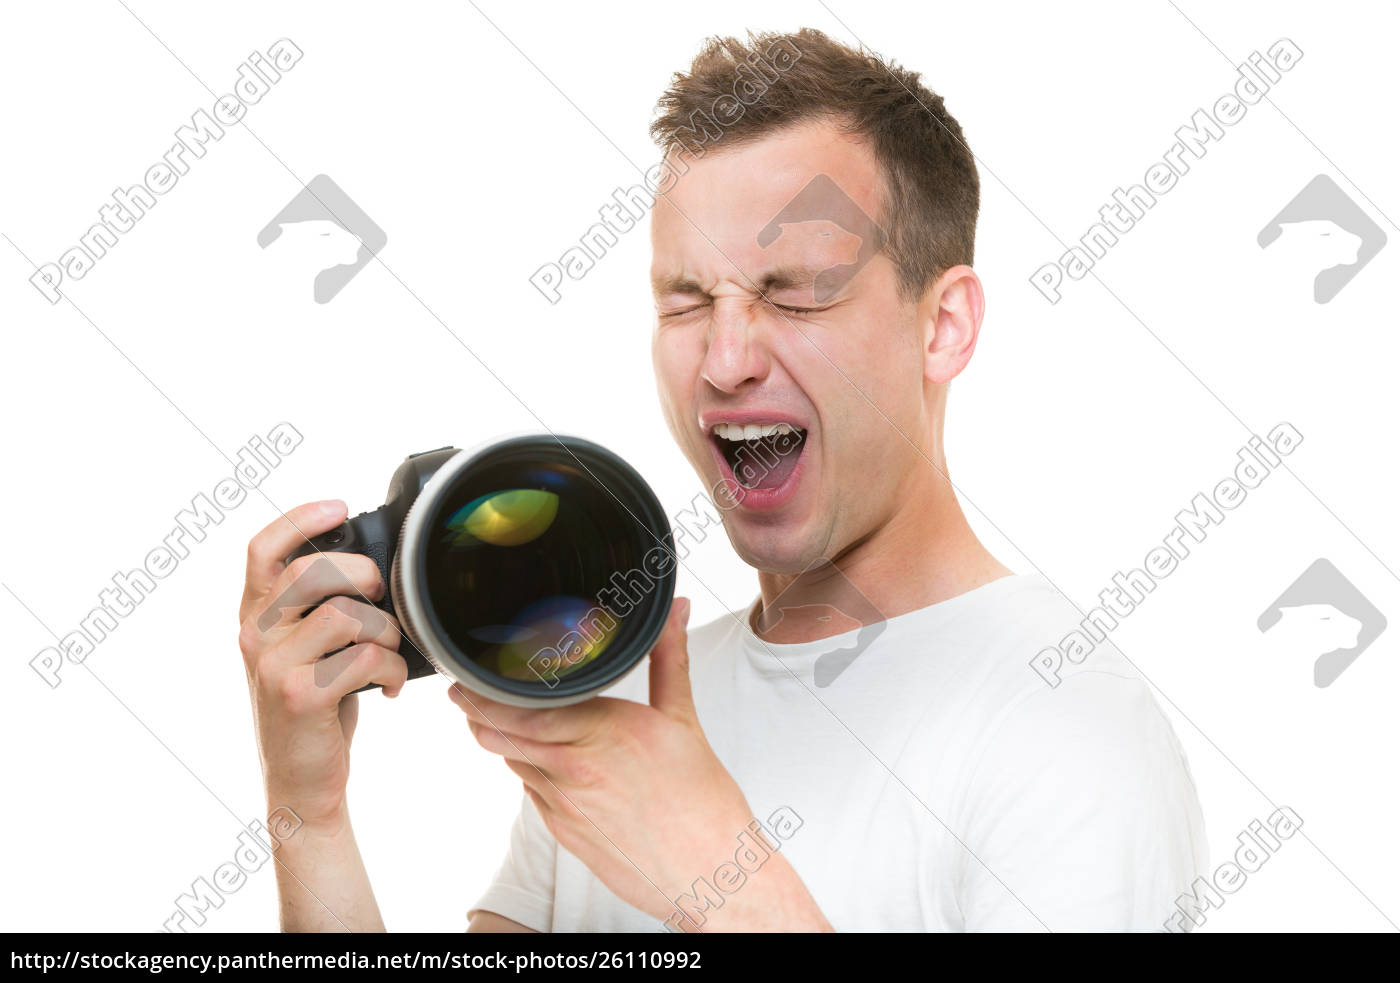 junger, profi-fotograf, mit, digitalkamera-dslr-kamera, und, einem - 26110992